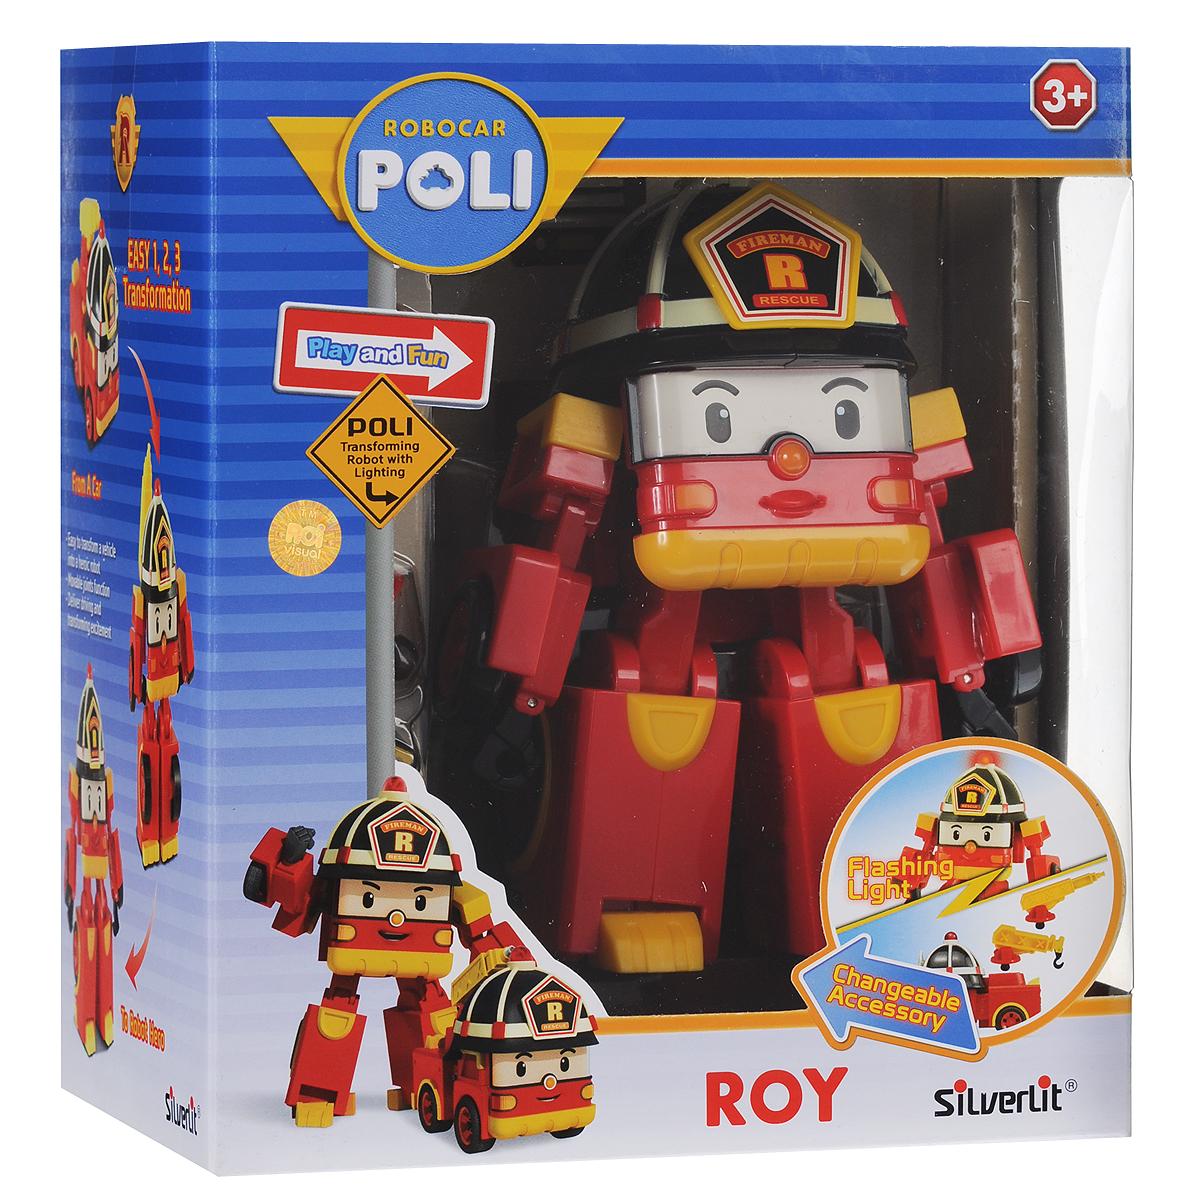 Robocar Poli Игрушка-трансформер Рой с аксессуарами